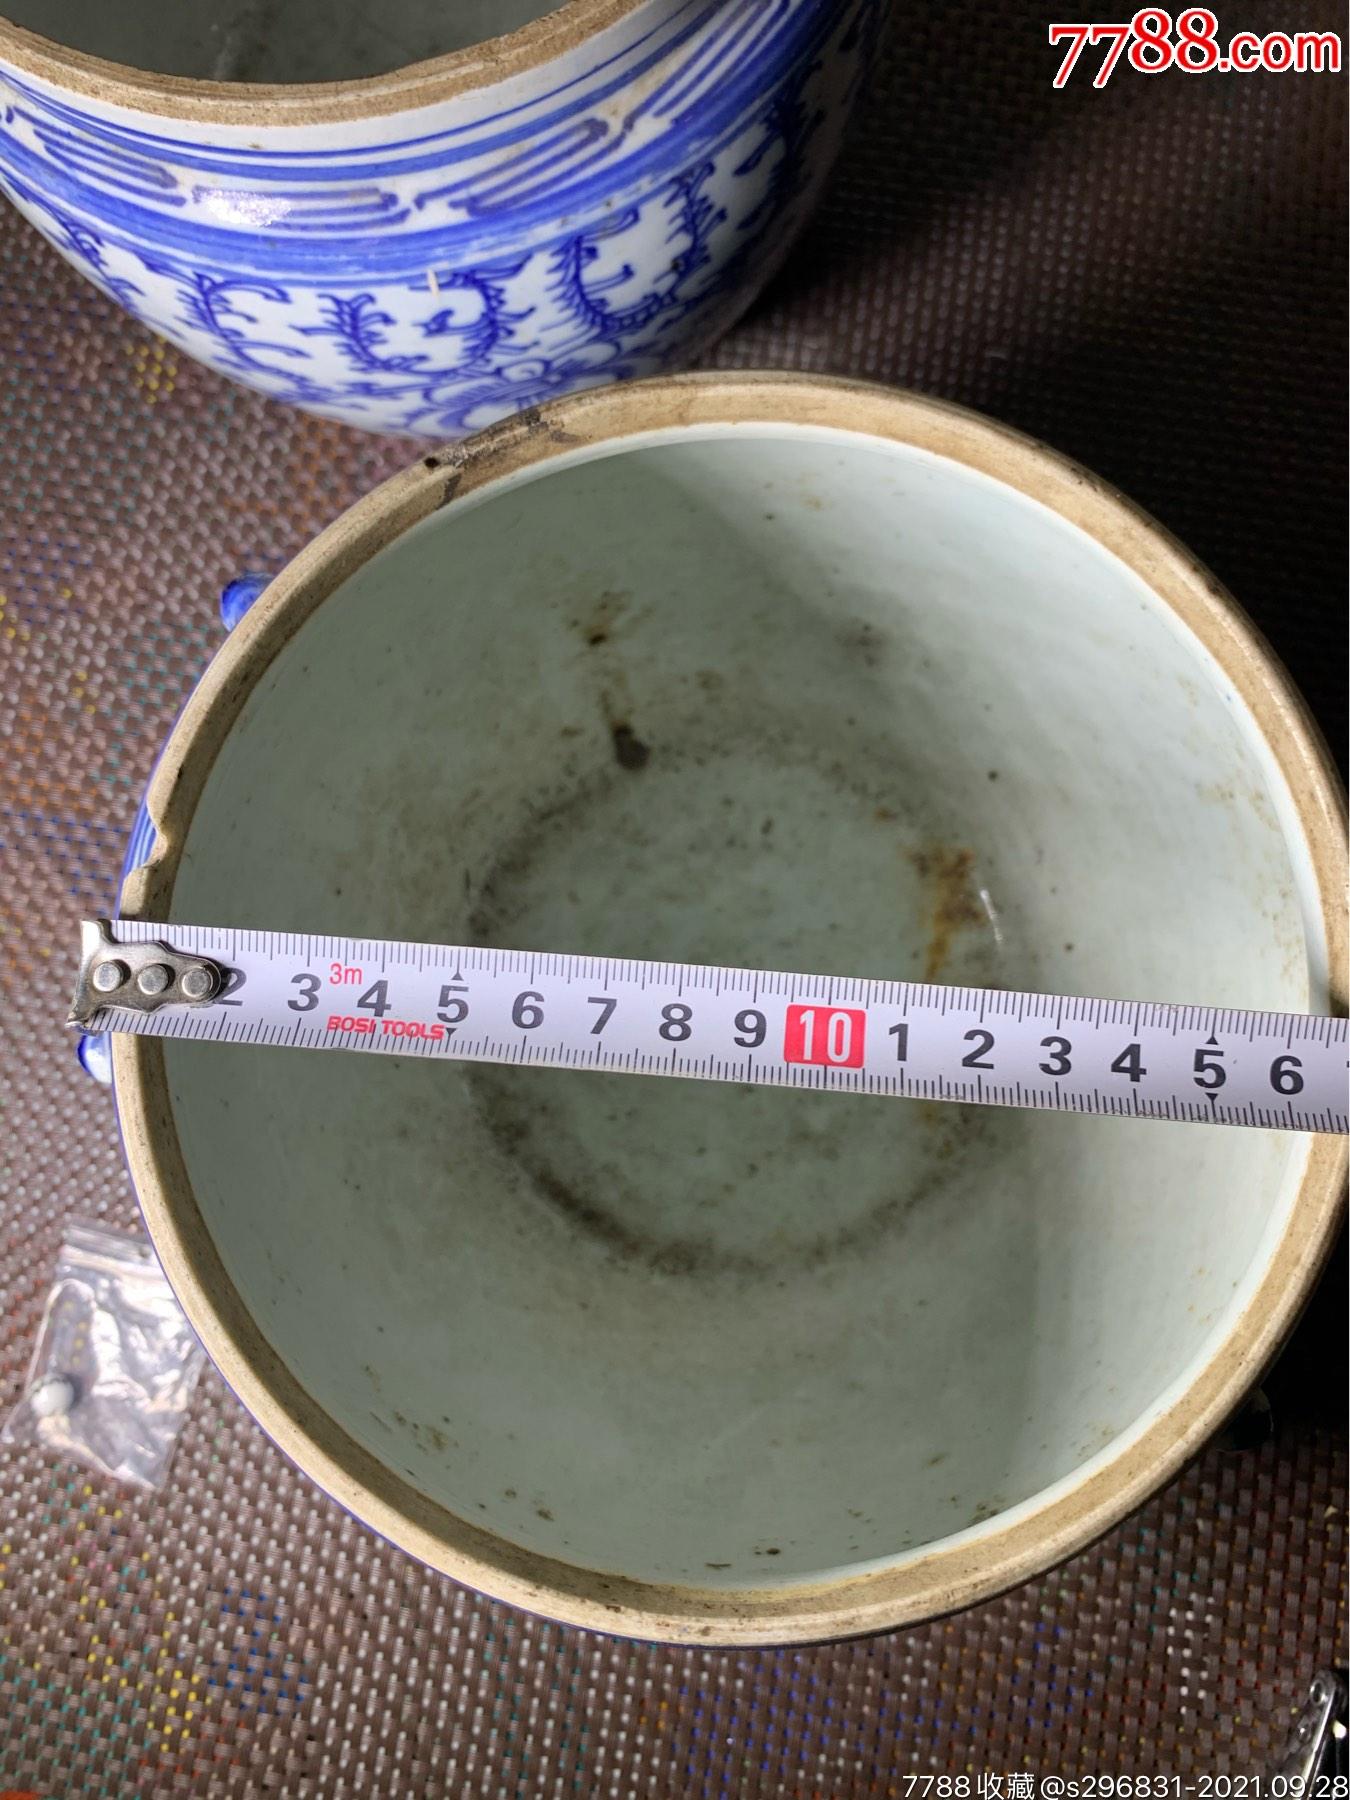 民国青花花卉罐一对_价格1240元_第21张_